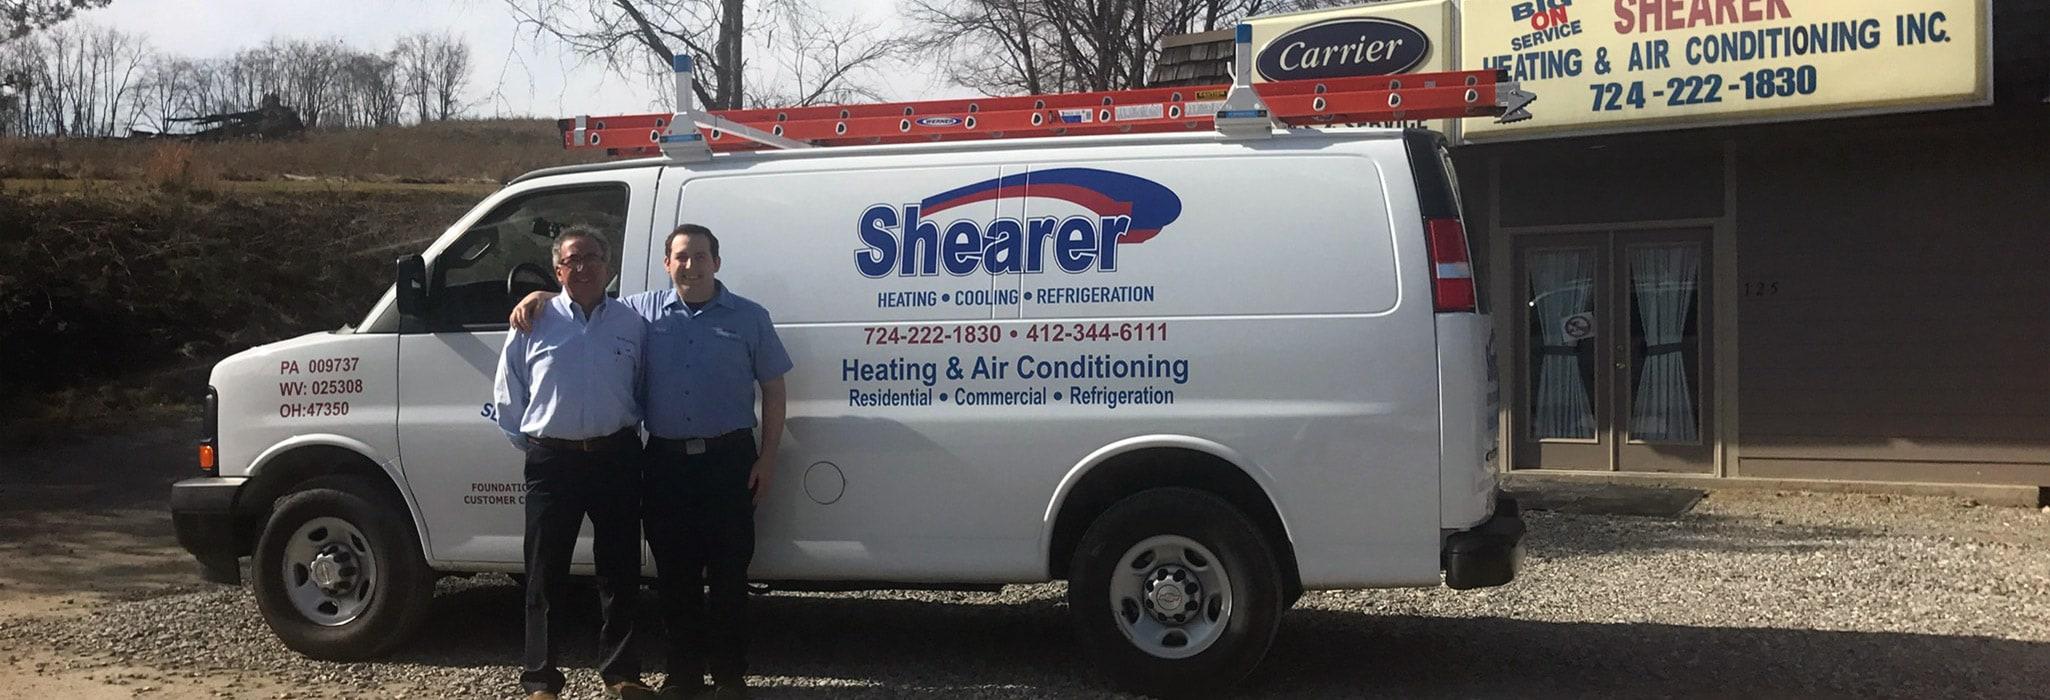 Shearer Heating, A/C & Refrigeration Inc